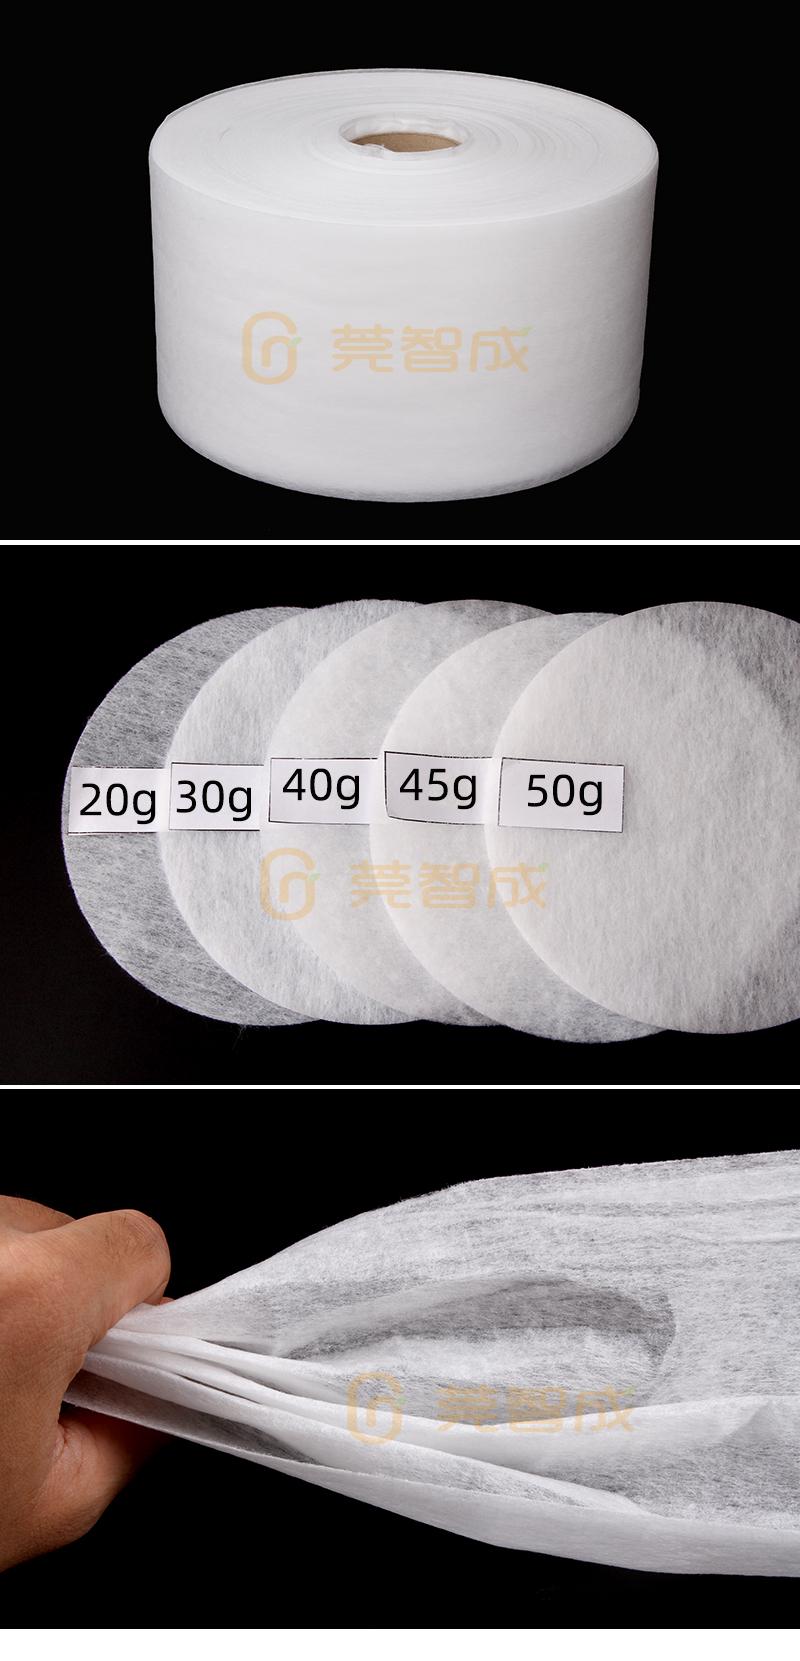 尿不湿热风棉尺寸可定制